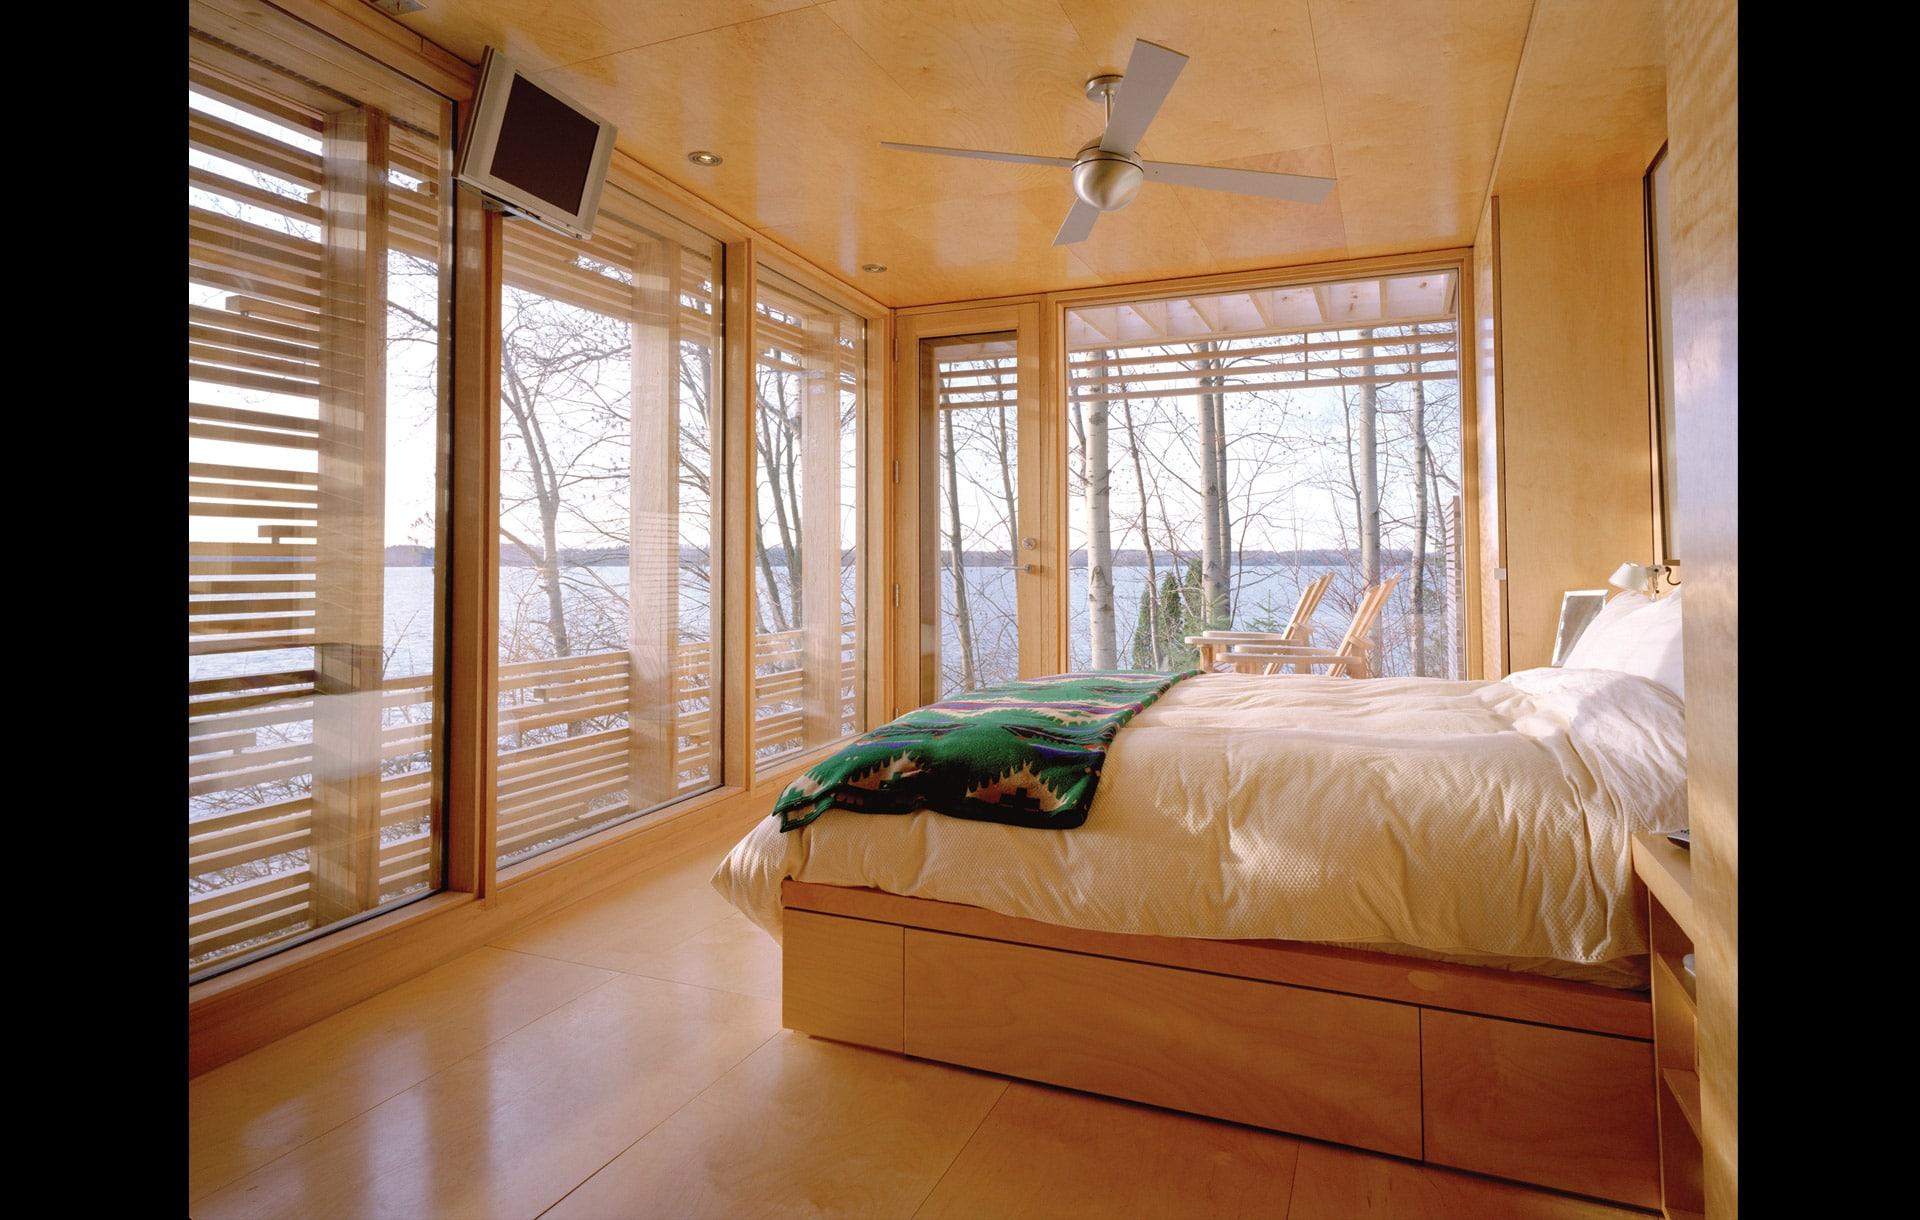 Dise o de casa peque a de madera fachada e interiores for Diseno de interiores recamaras pequenas